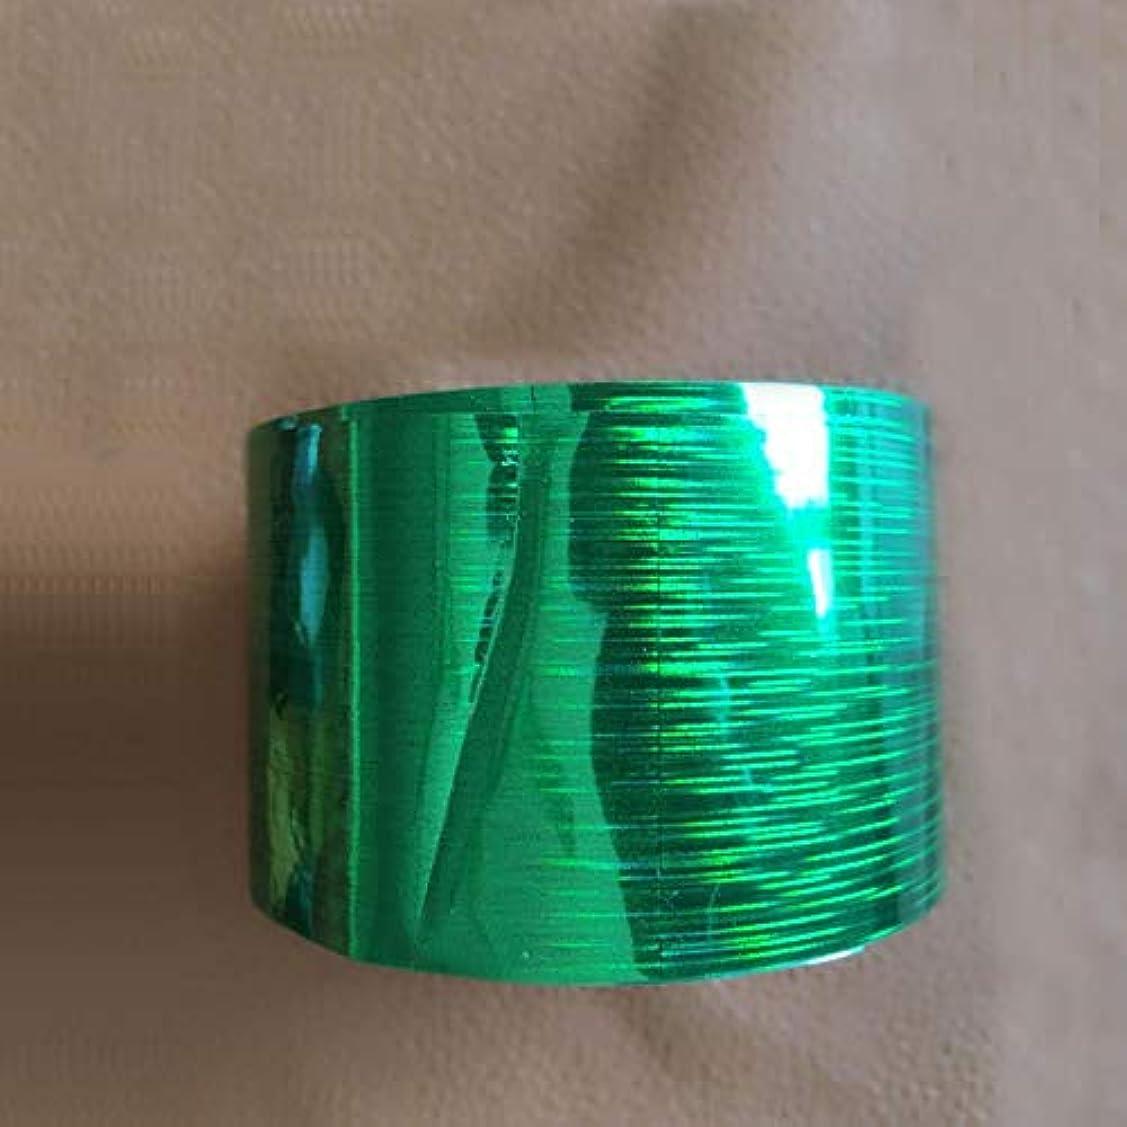 子供時代ローブピクニックをするSUKTI&XIAO ネイルステッカー 1ロール120M * 4CmホログラフィックネイルフォイルレインボートランスファーフォイルステッカーフィンガーラップネイルアートDiy接着剤マニキュア美容デカール、グリーン